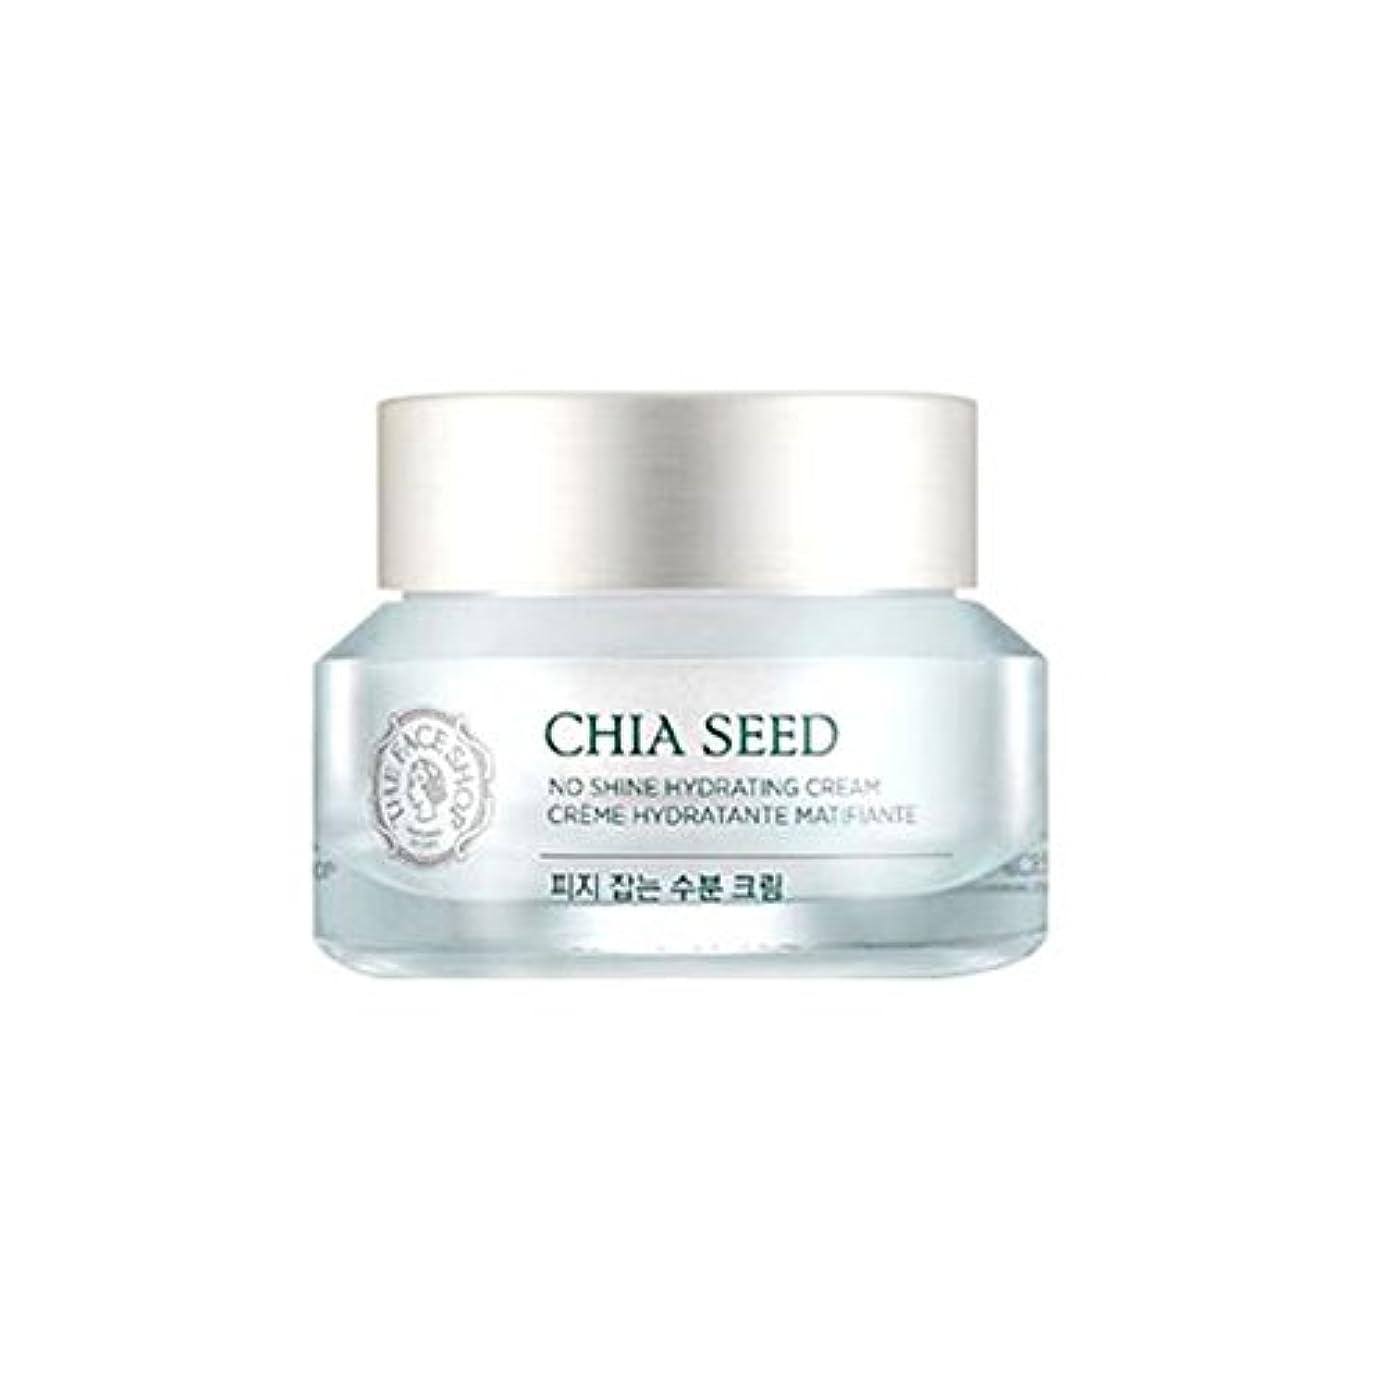 見出し馬鹿げた収束ザ·フェイスショップ The Face Shop チアシード皮脂コントロールモイスチャークリーム (50ml) The Face Shop Chia Seed Sebum Control Moisture Cream [海外直送品]